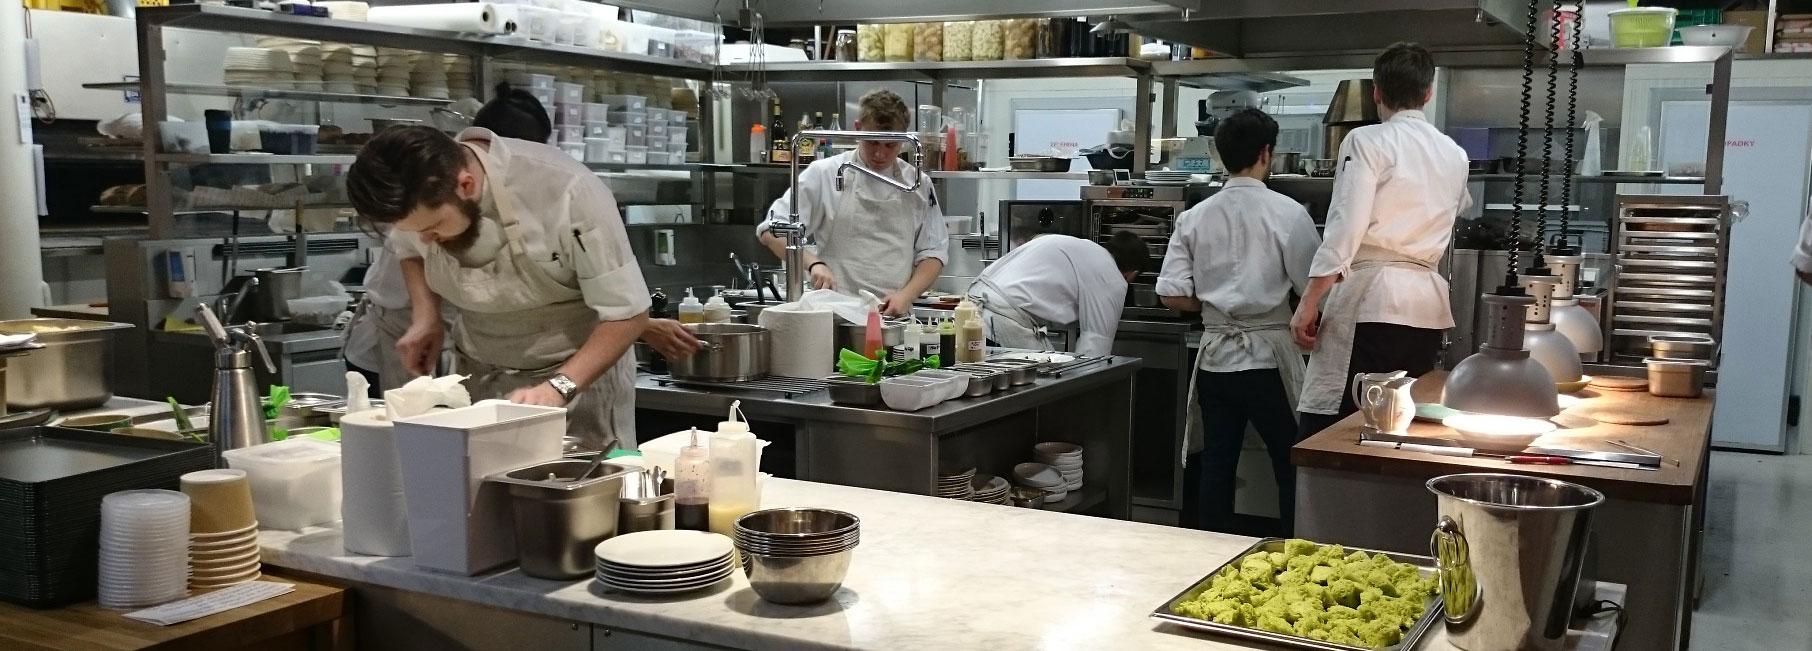 web_Chef-2-1